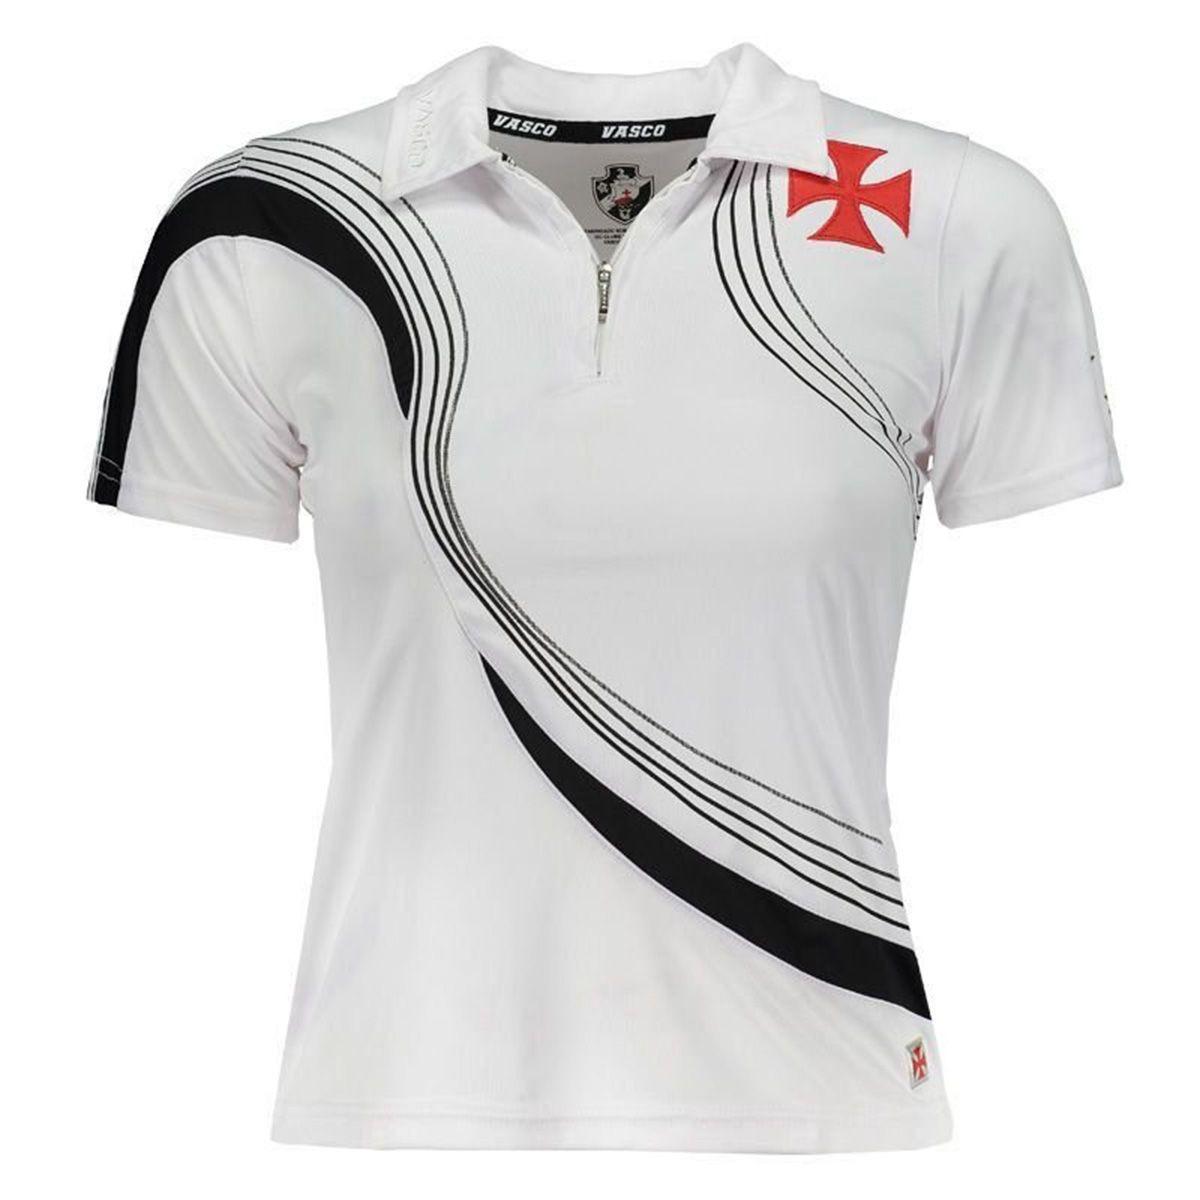 dc3c37de198c2 camisa polo feminina vasco da gama logo lateral oficial +nf. Carregando  zoom.